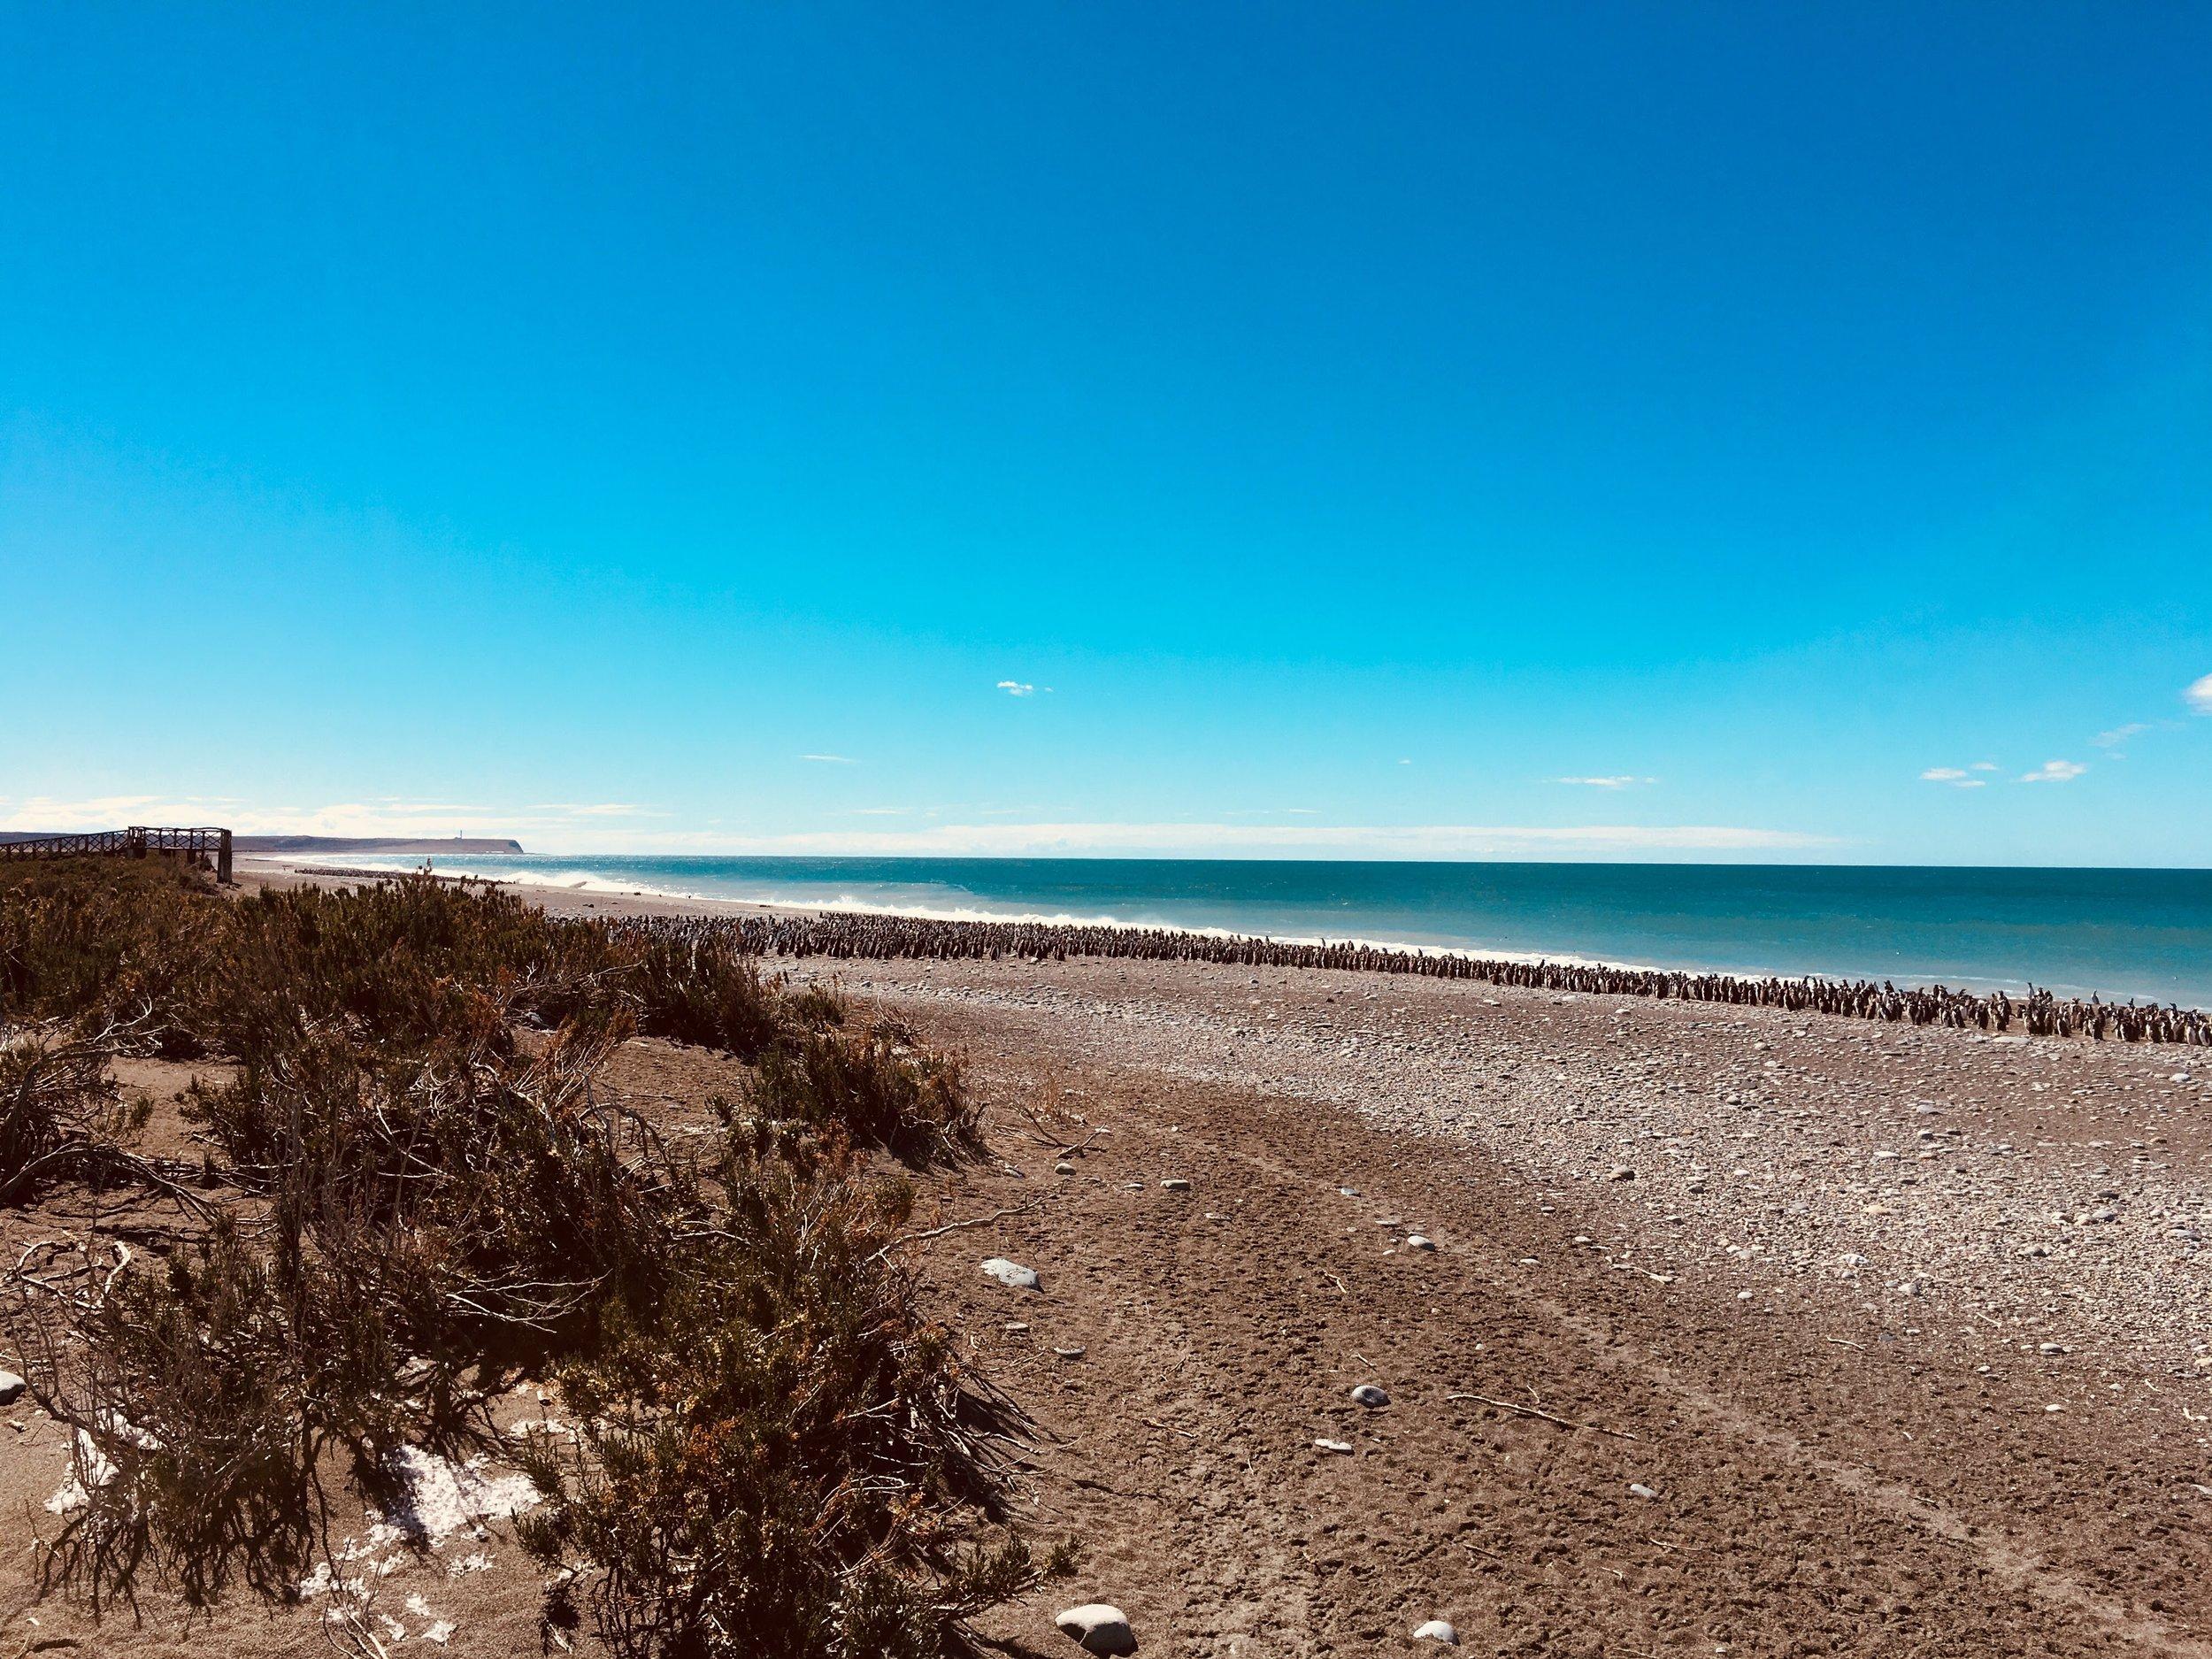 playa patagonia beach.jpg